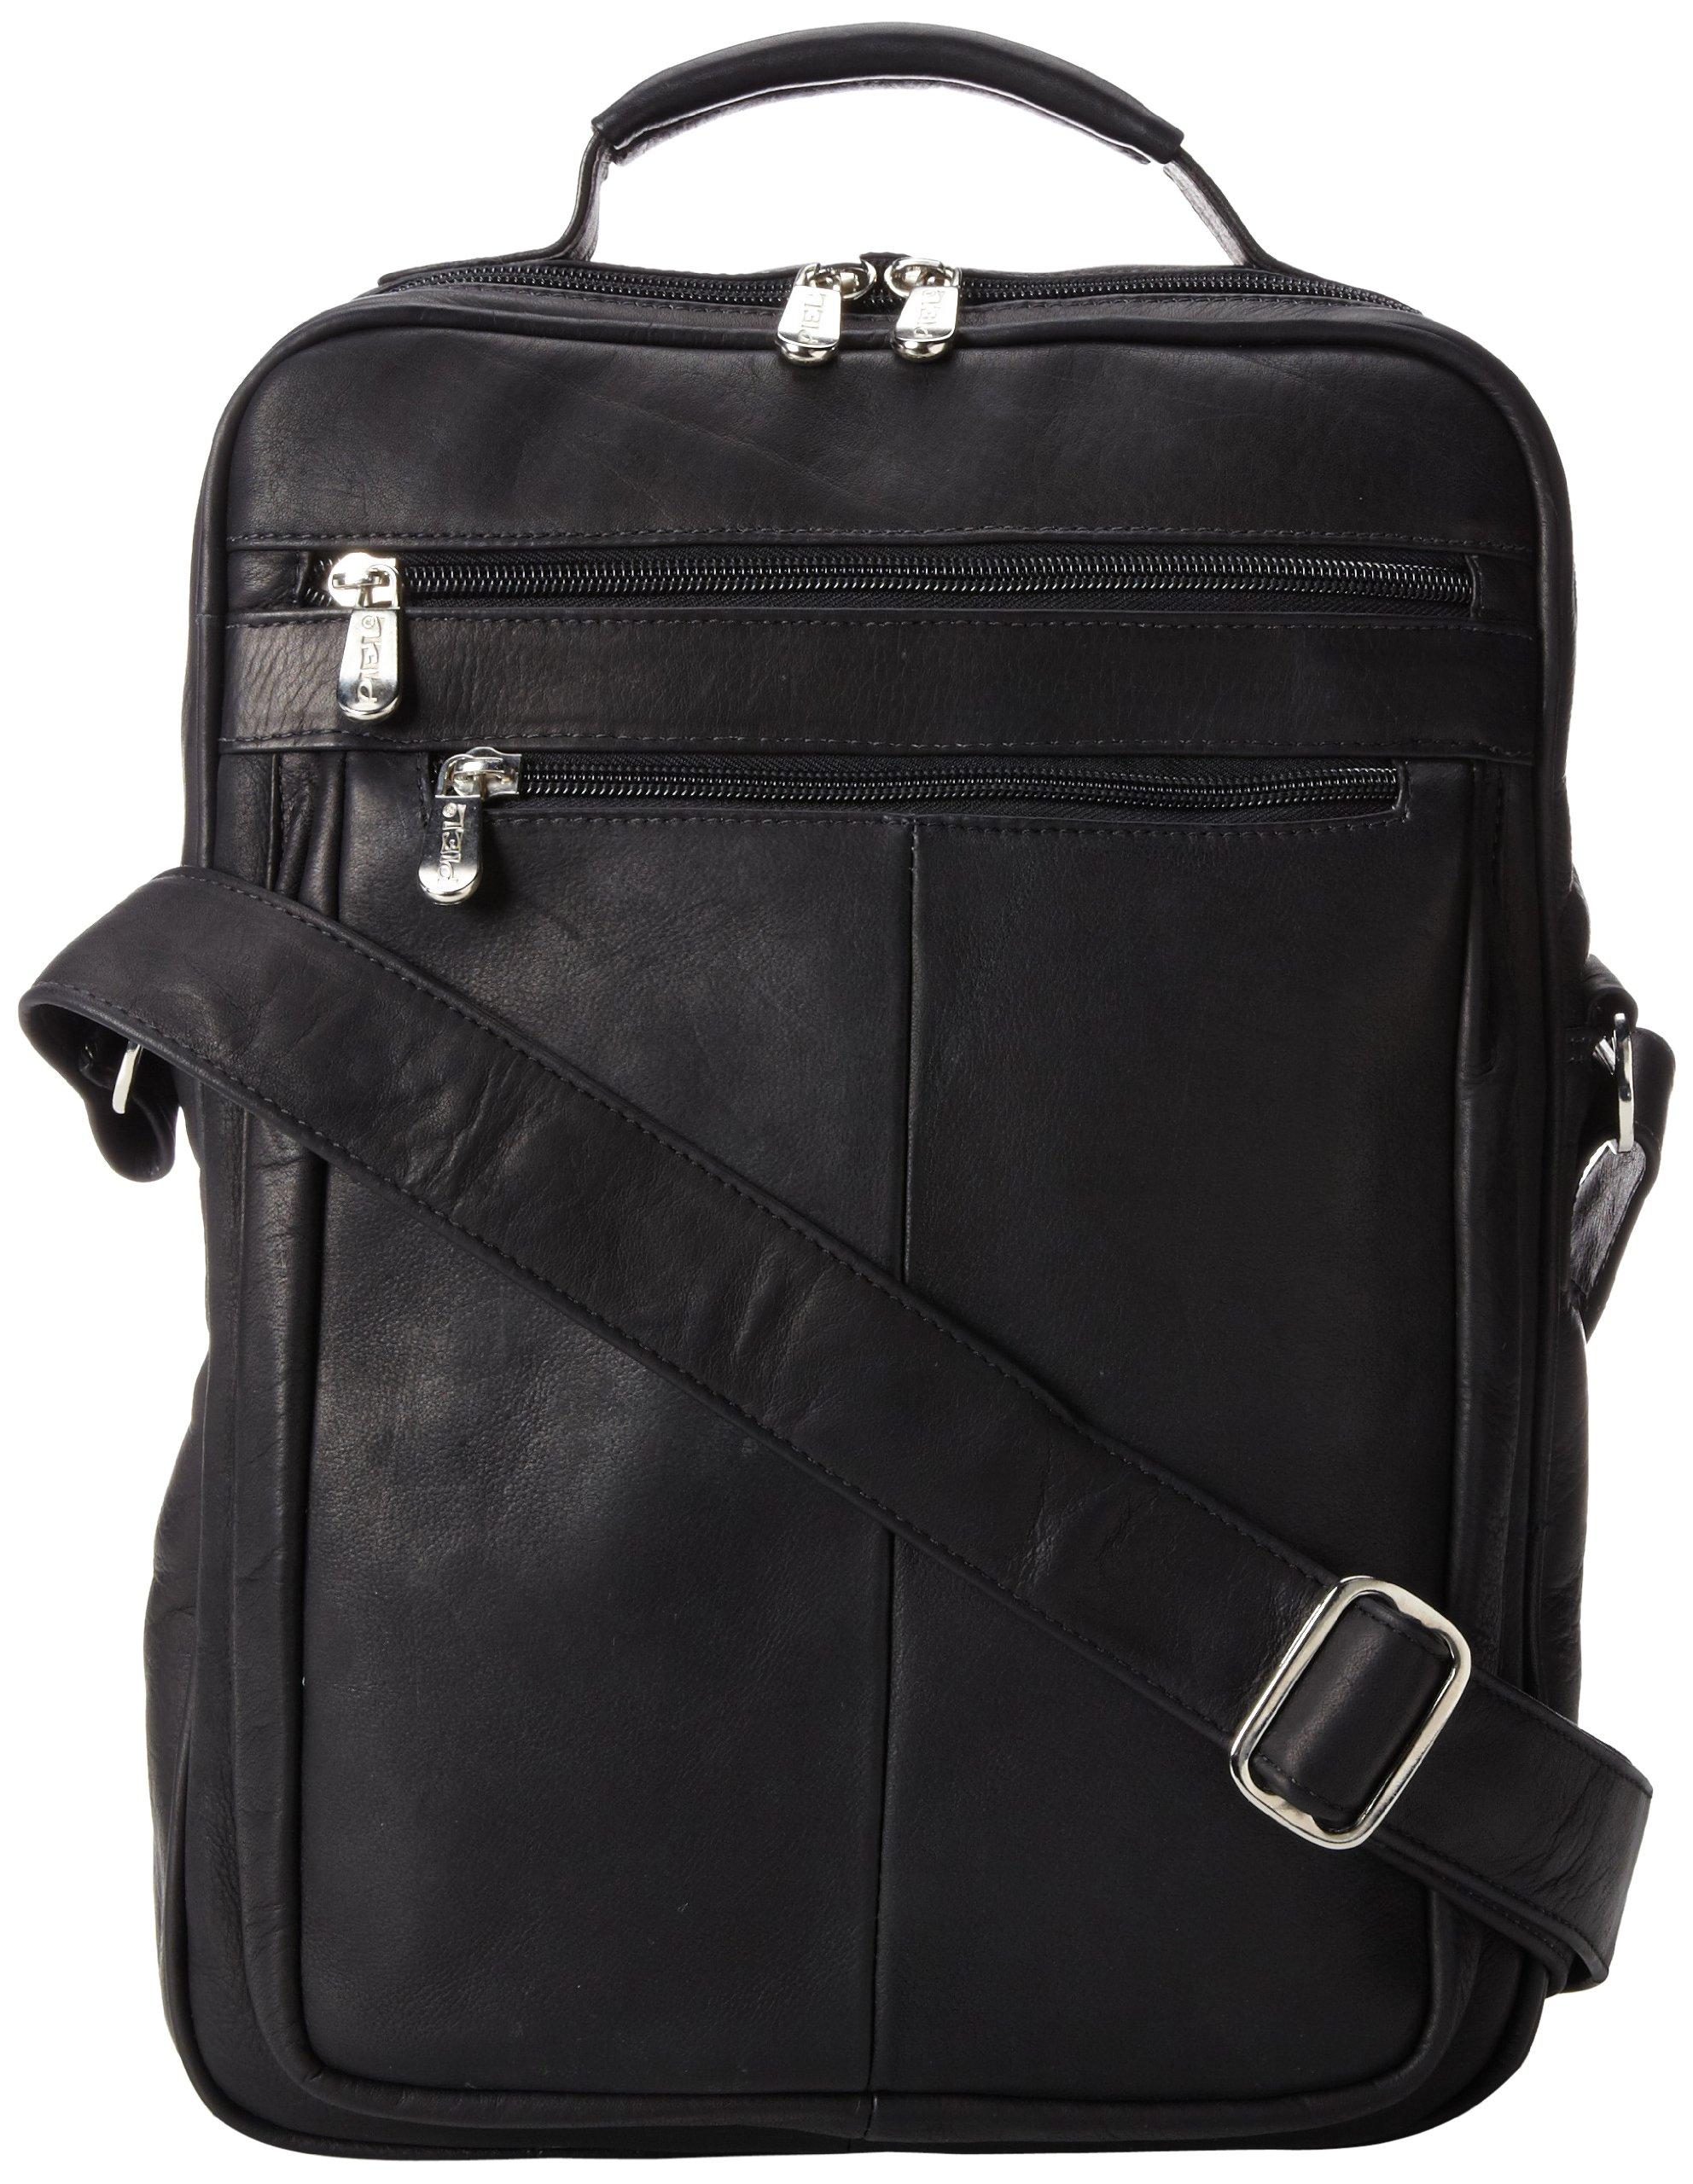 Piel Leather Laptop Shoulder Bag, Black, One Size